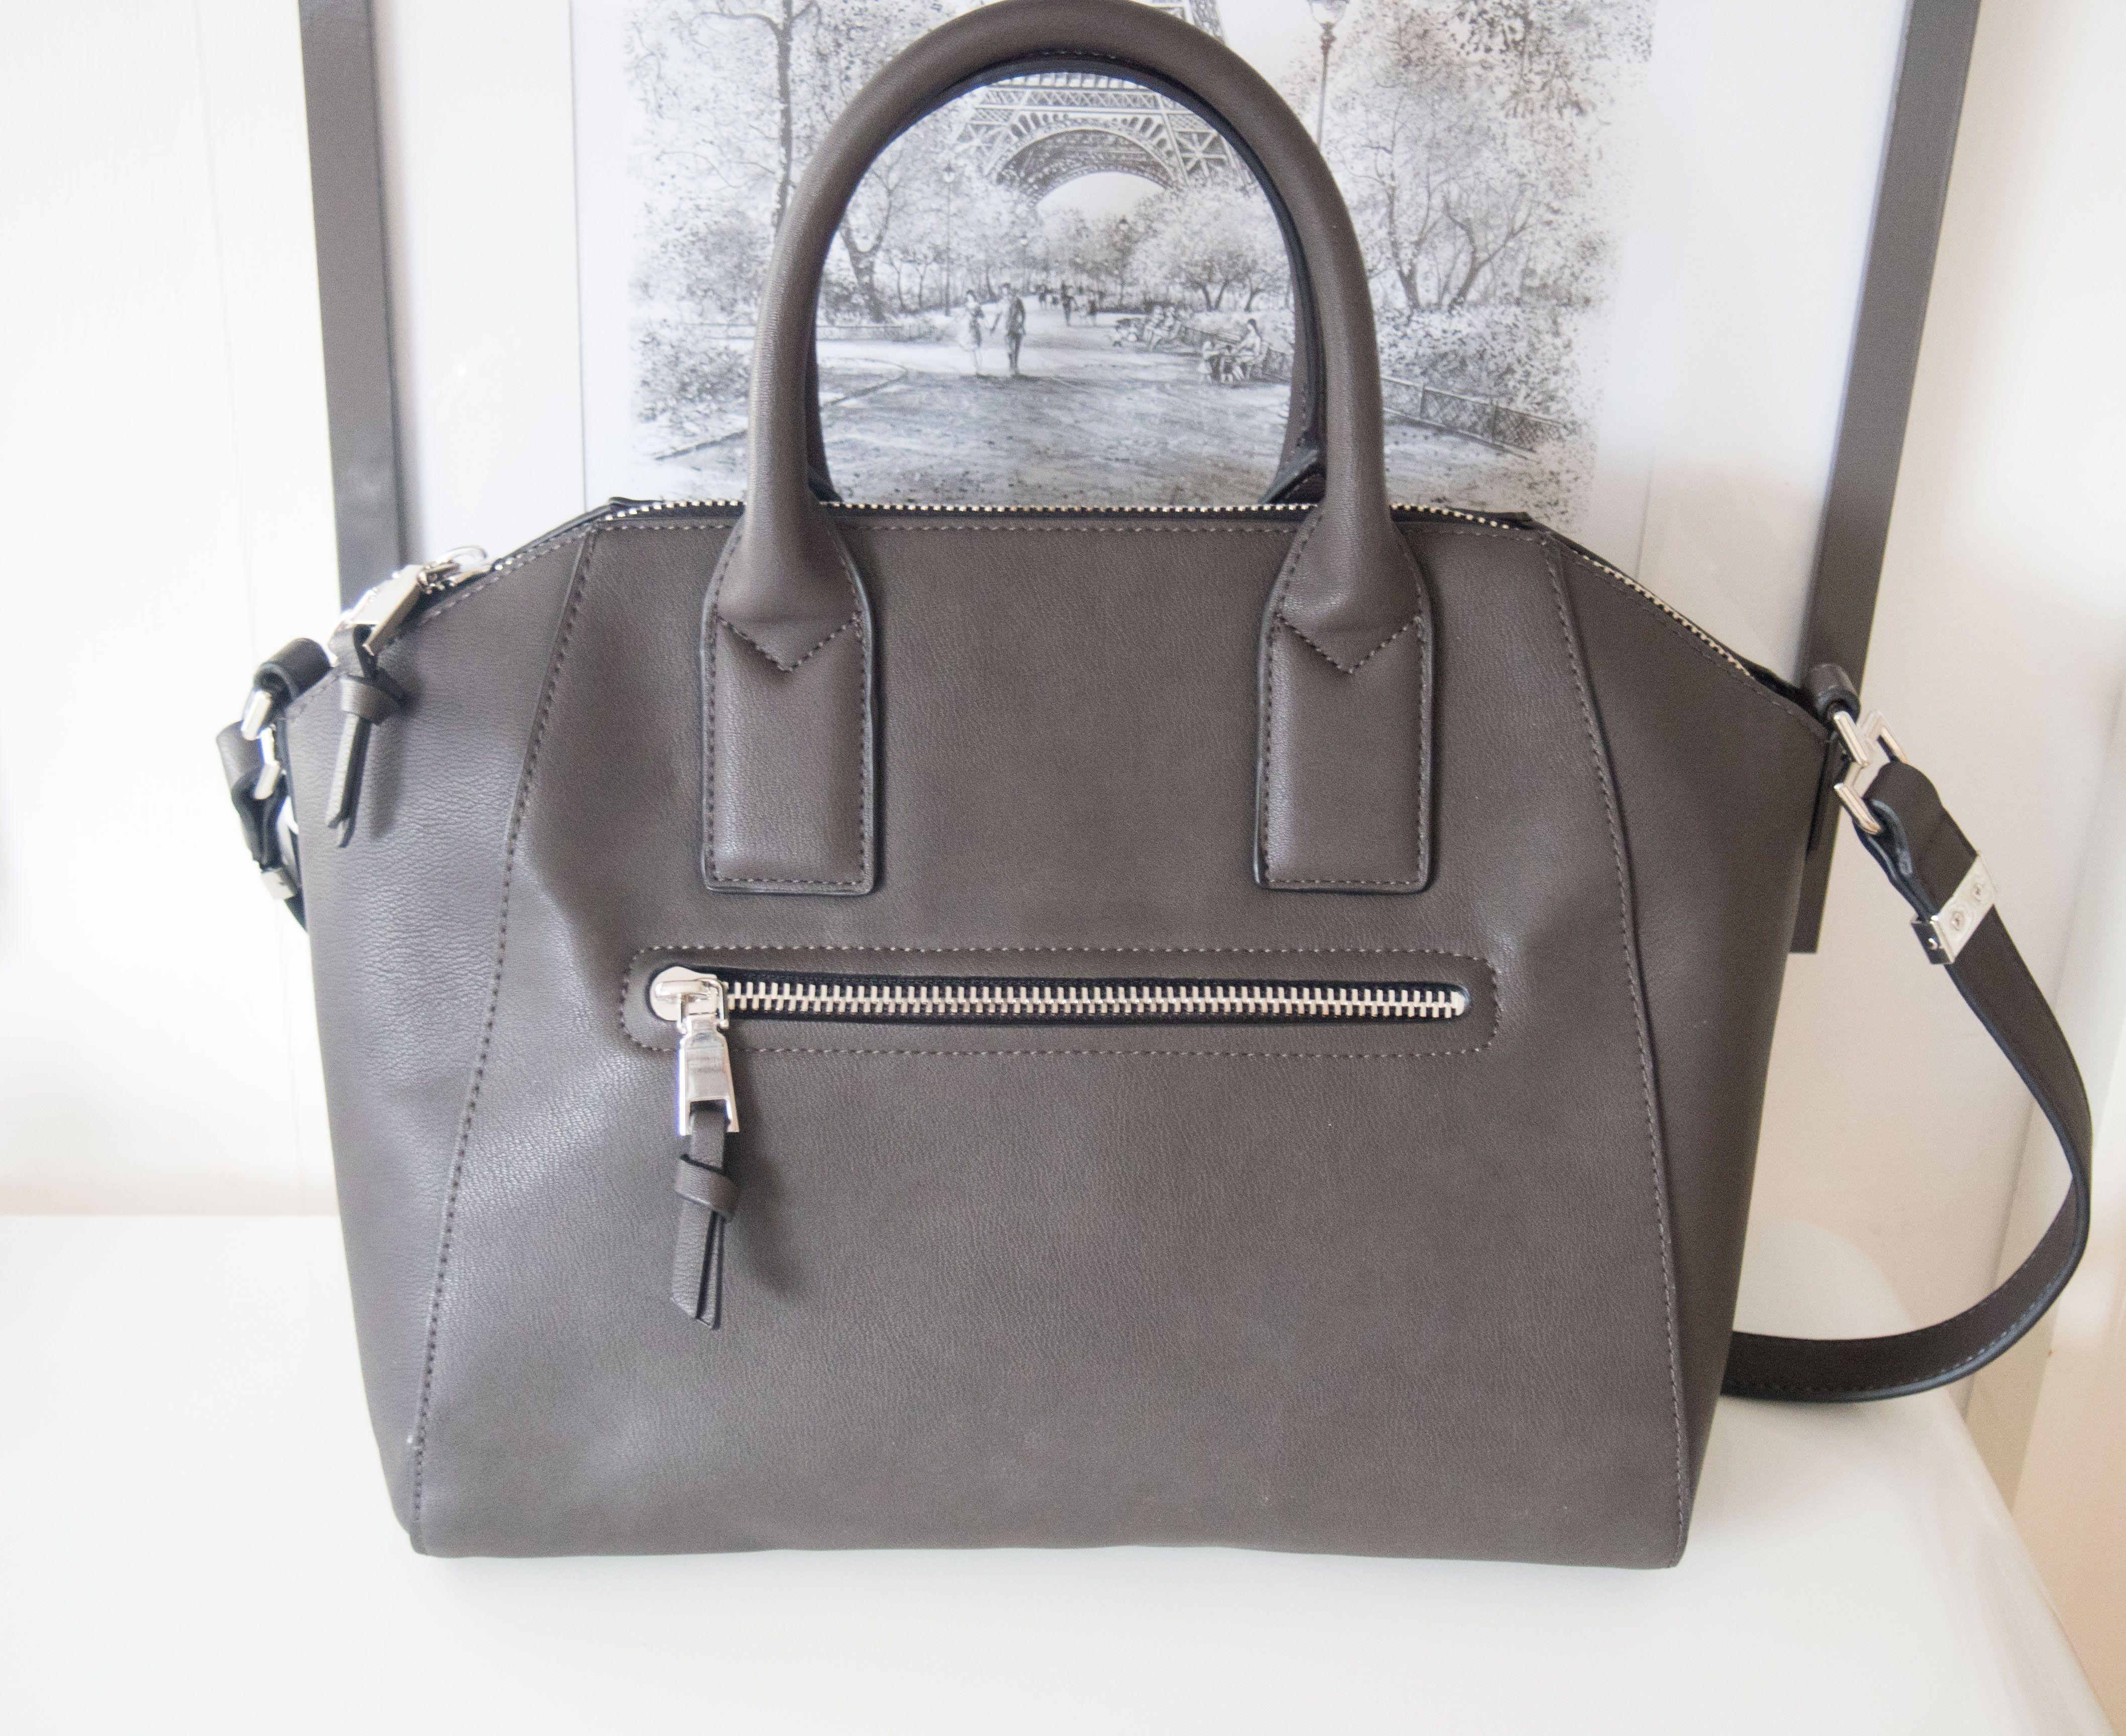 75d3e933220 Givenchy Antigona Dupe | Clothing | Givenchy antigona, Givenchy, Bags